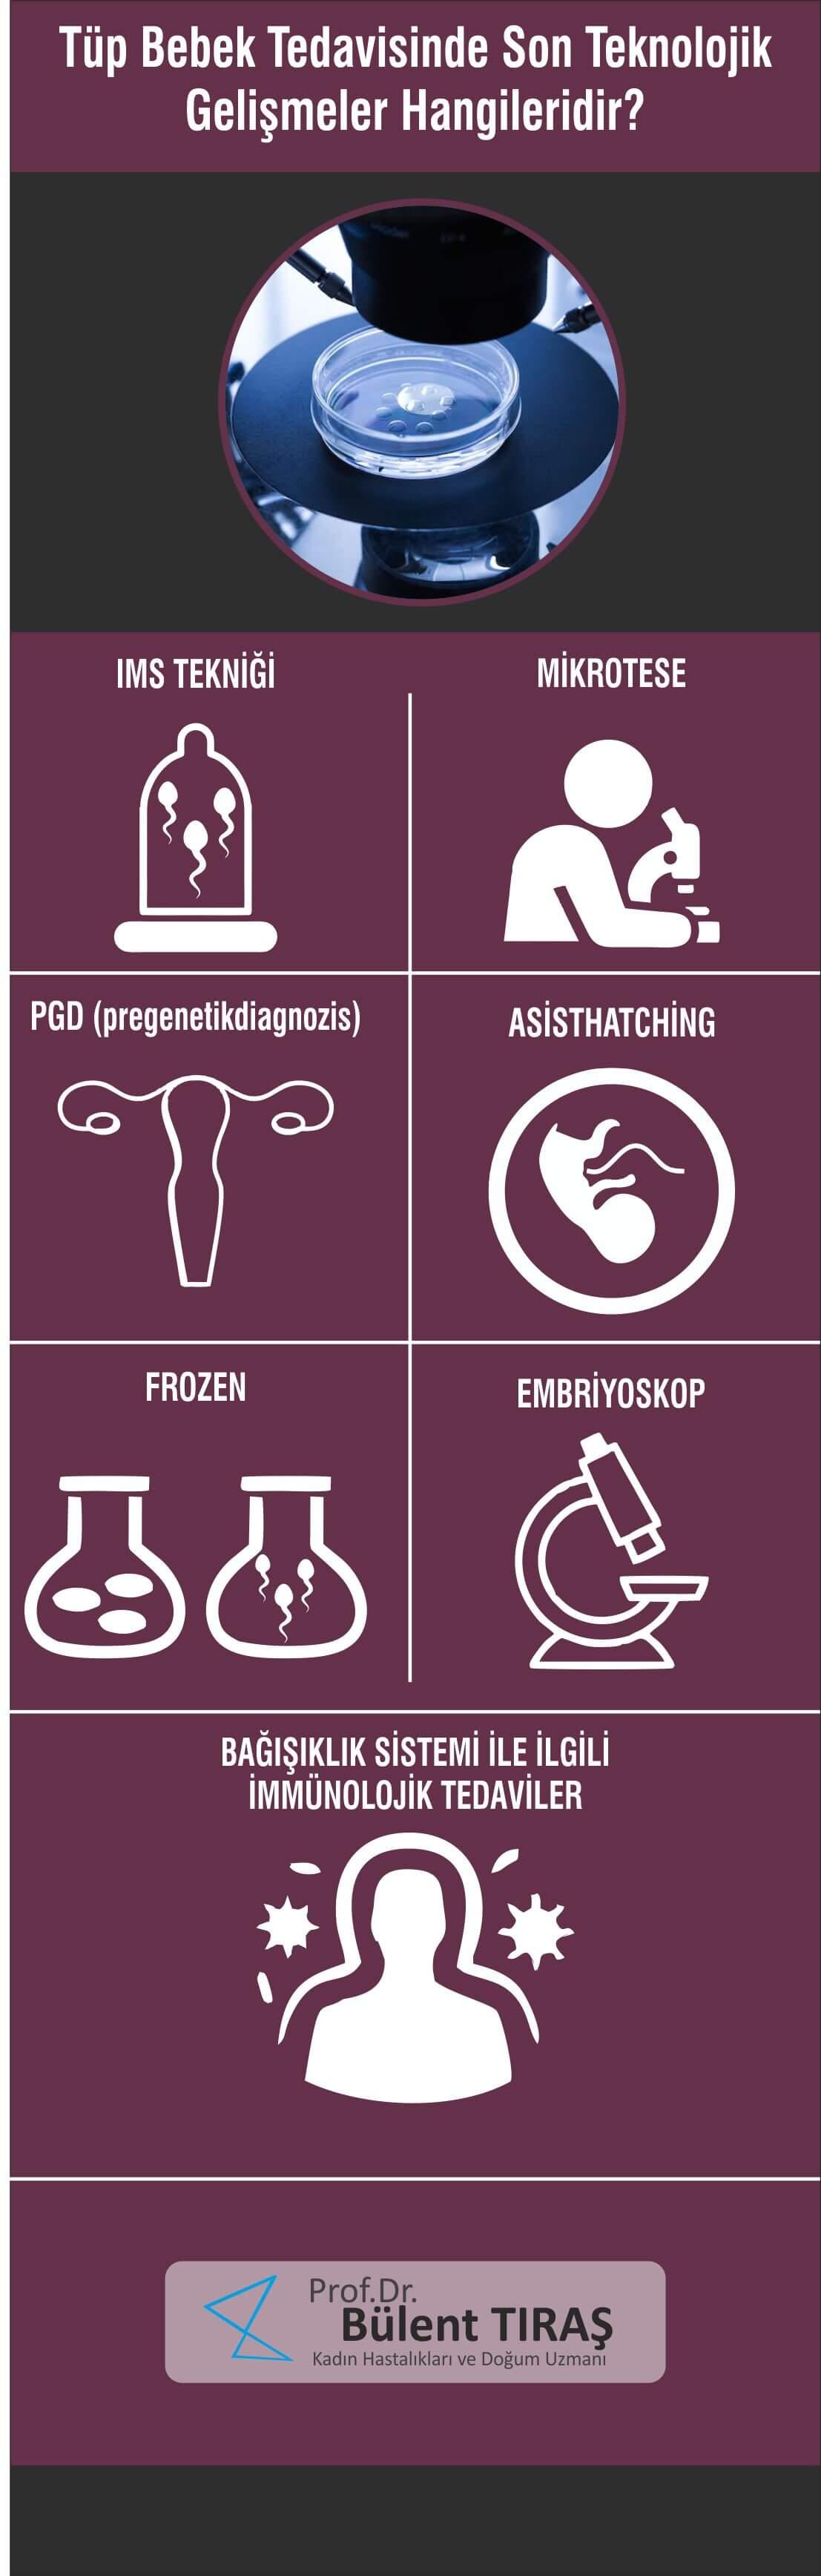 Tüp Bebek Tedavisi Ne Zaman Uygulanmalıdır